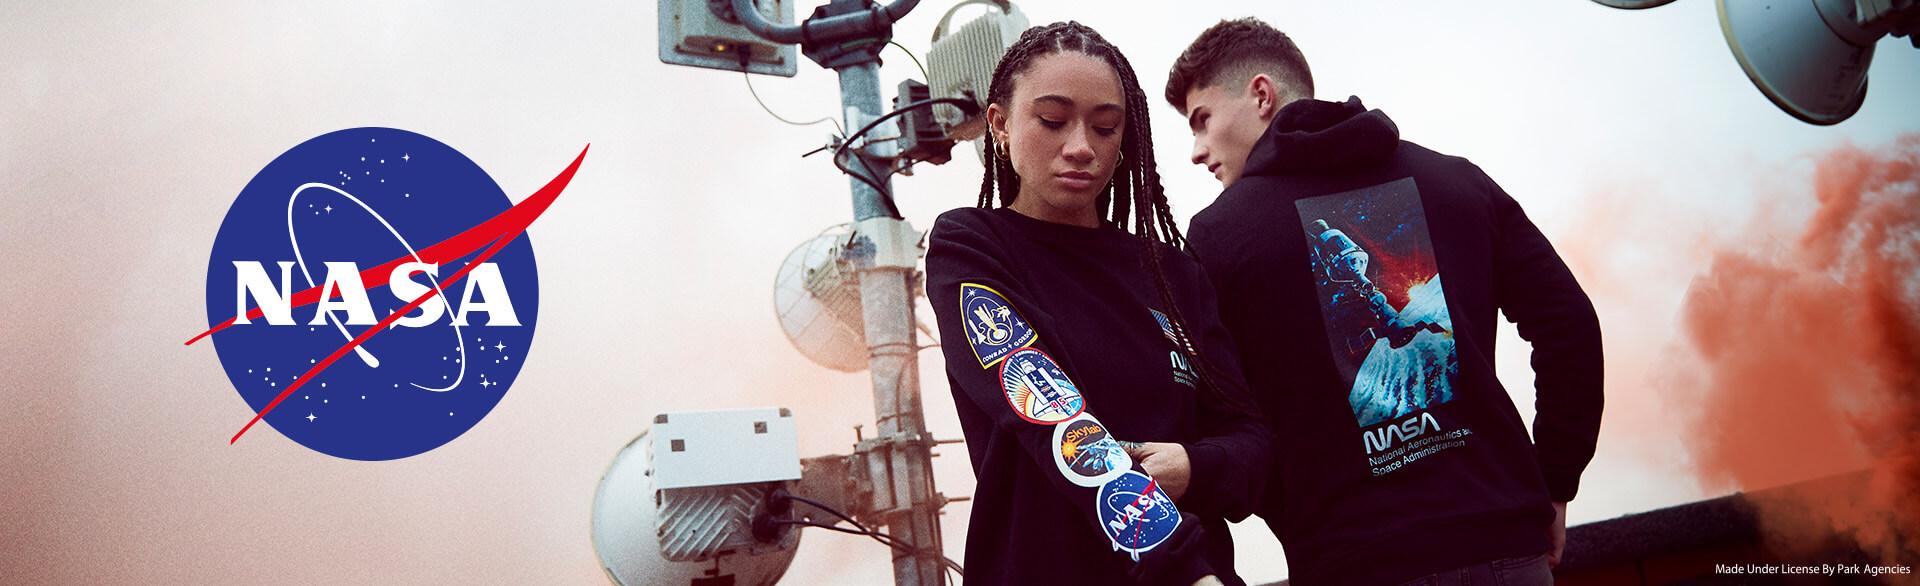 NASA CLOTHING